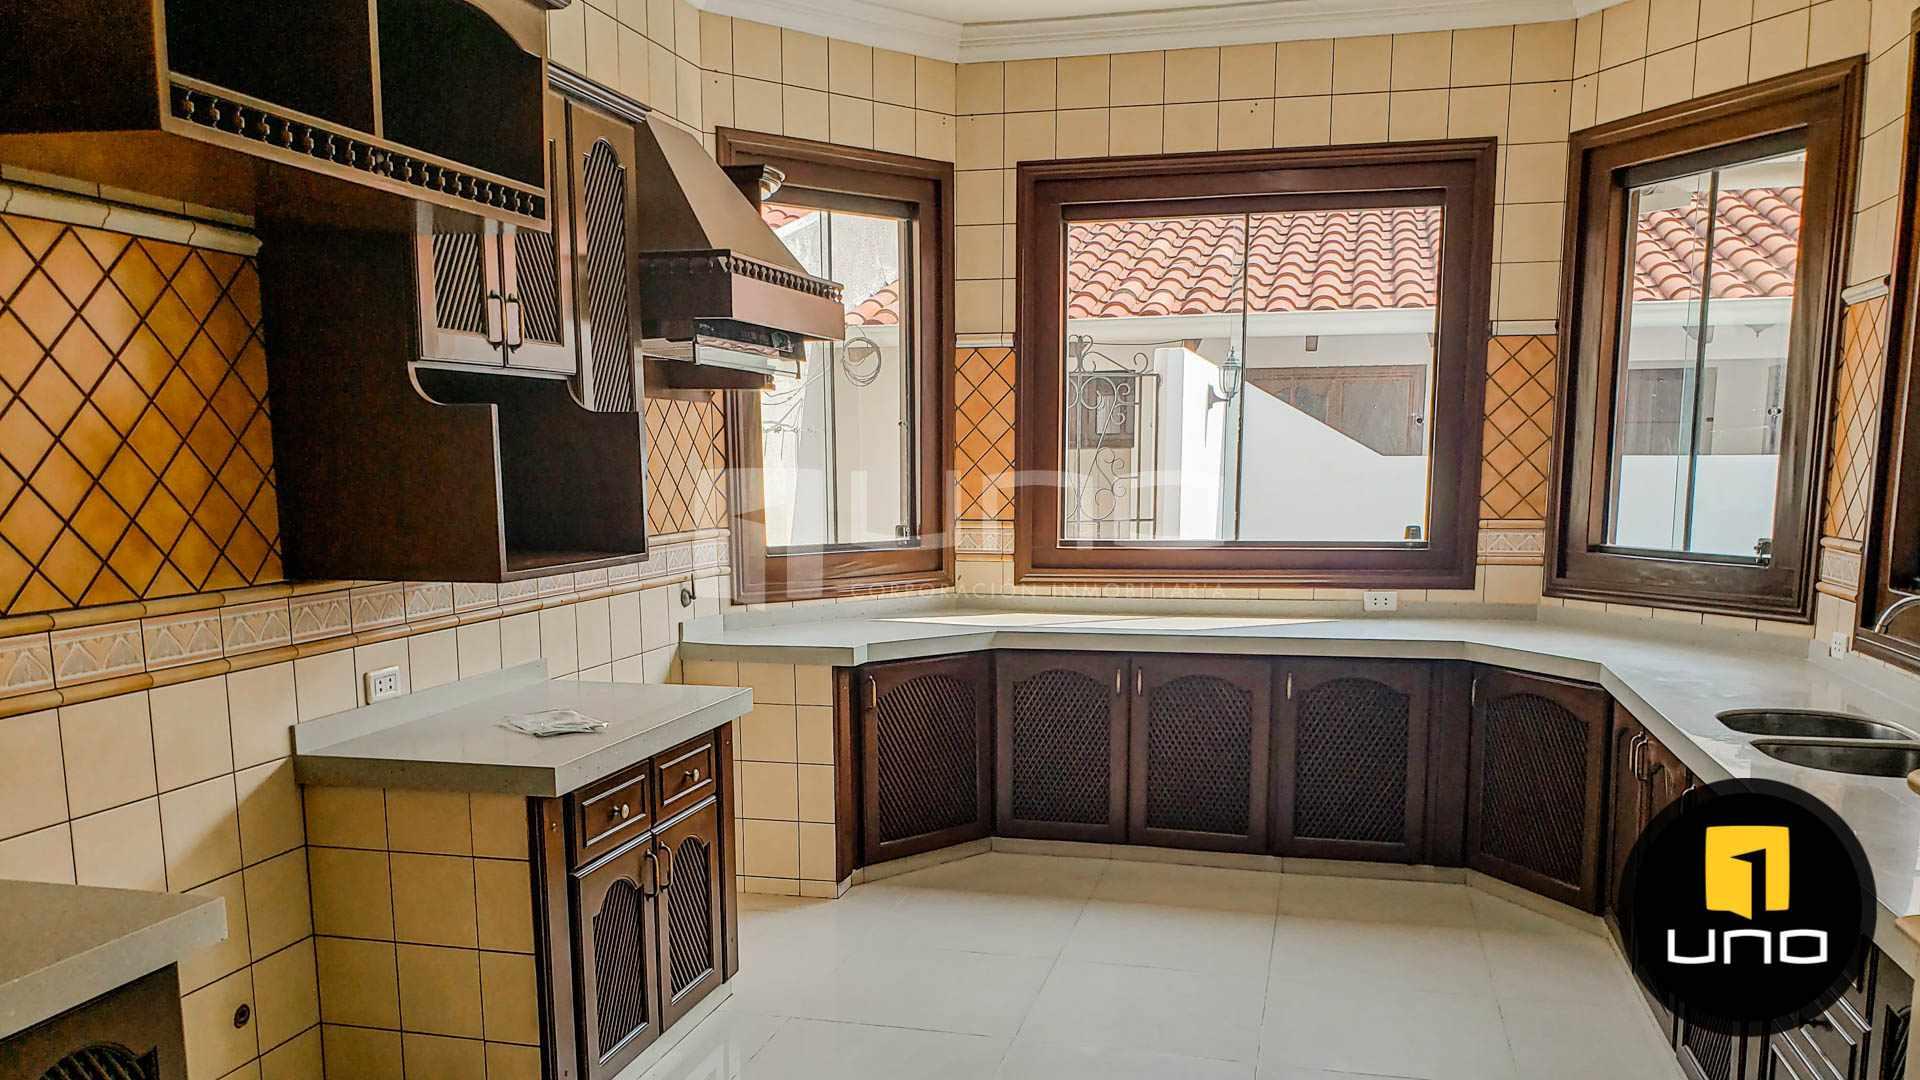 Casa en Alquiler CONDOMINIO BARRIO NORTE AMPLIA CASA EN ALQUILER Foto 3